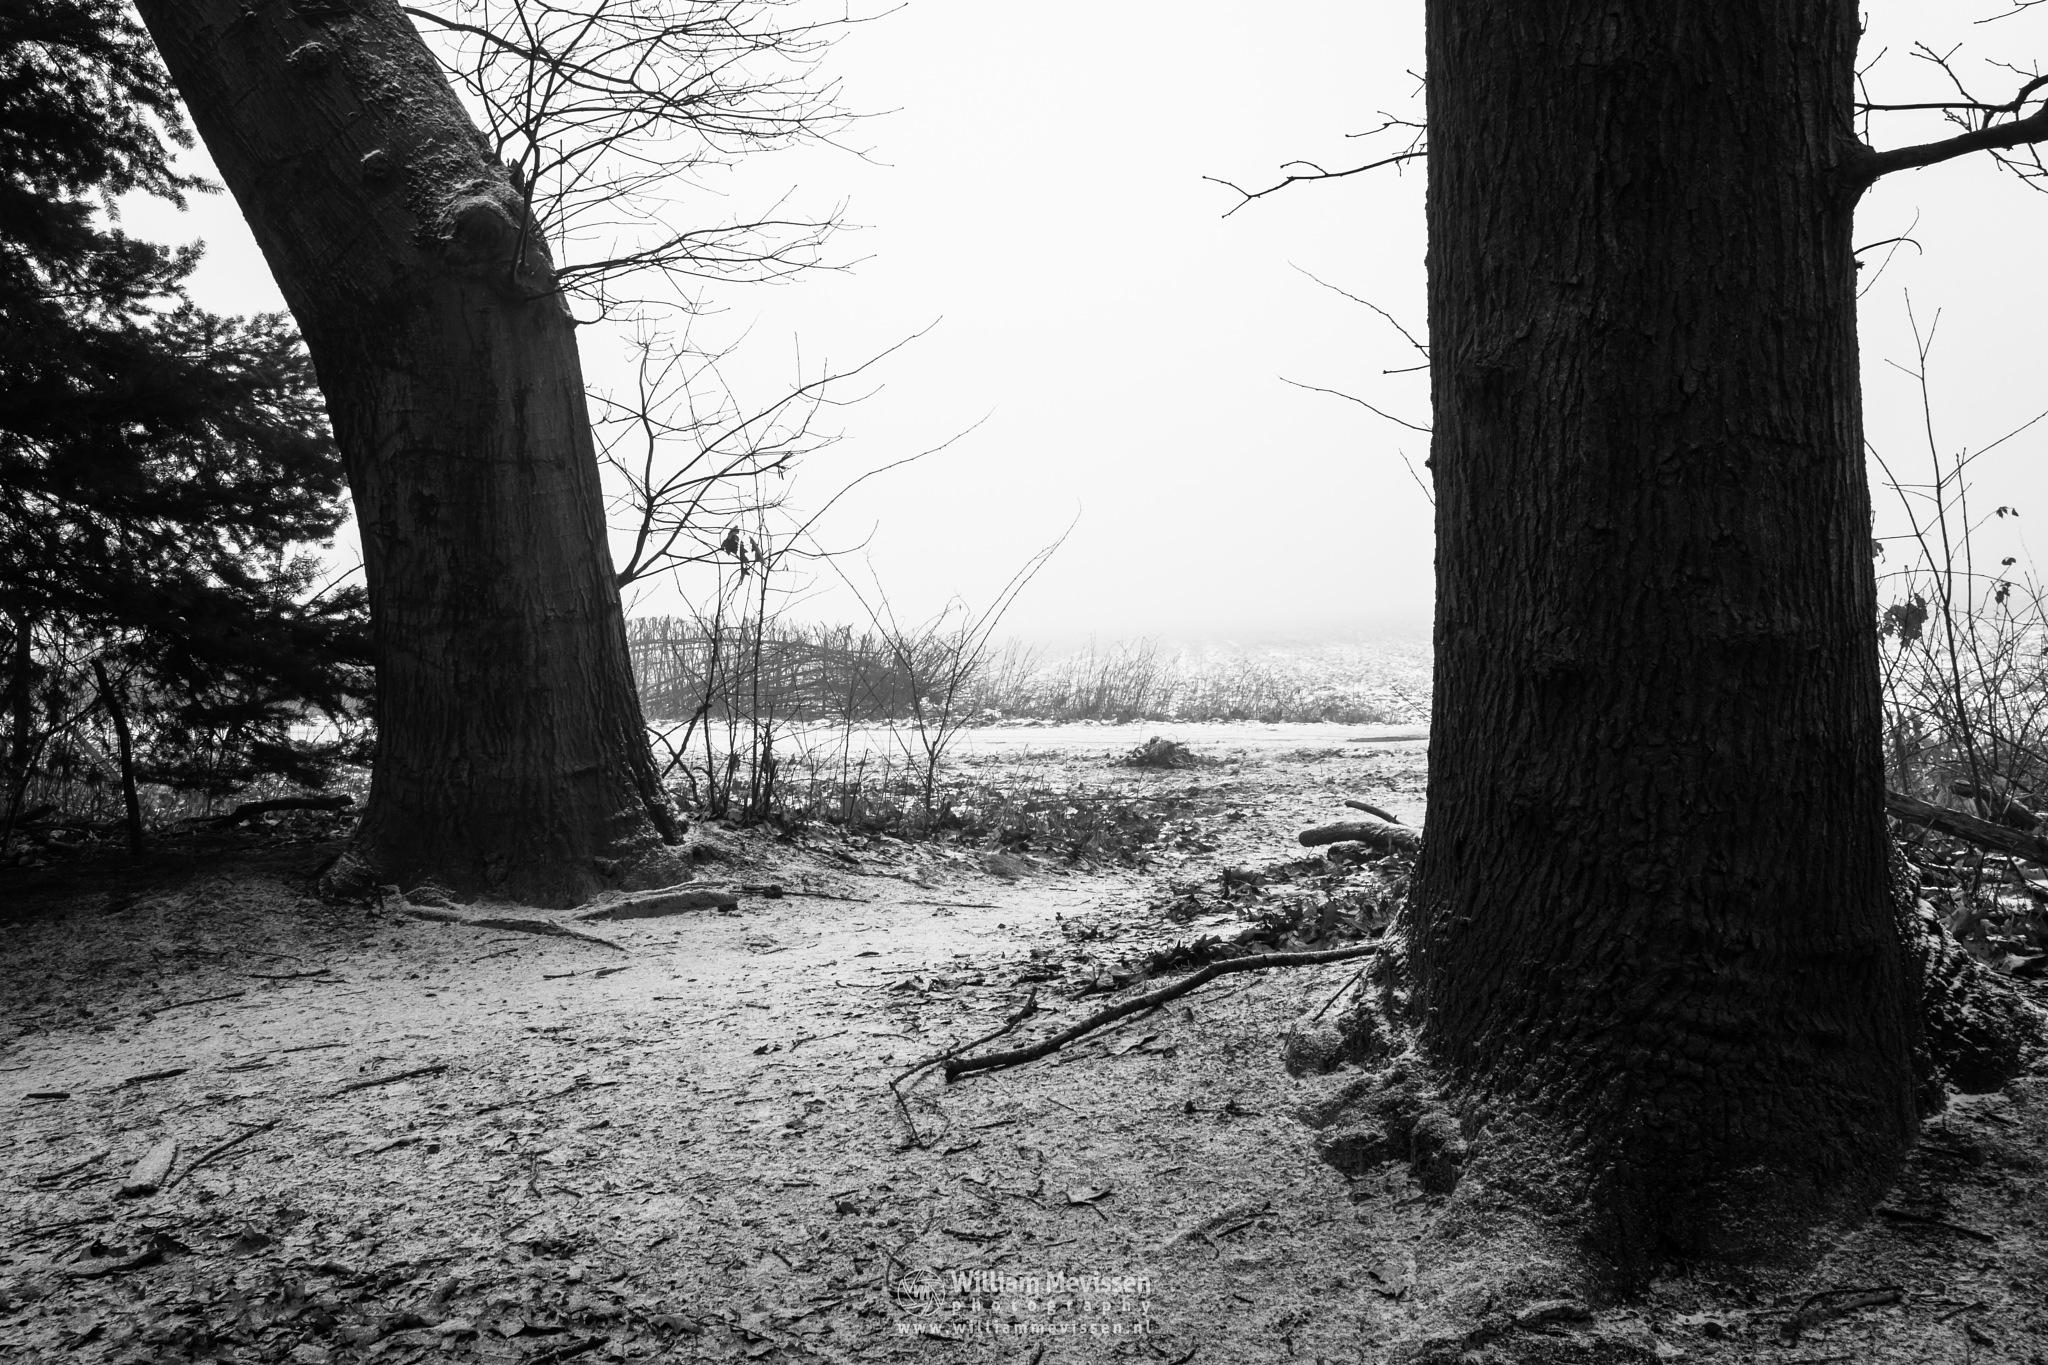 Winter Gate by William Mevissen